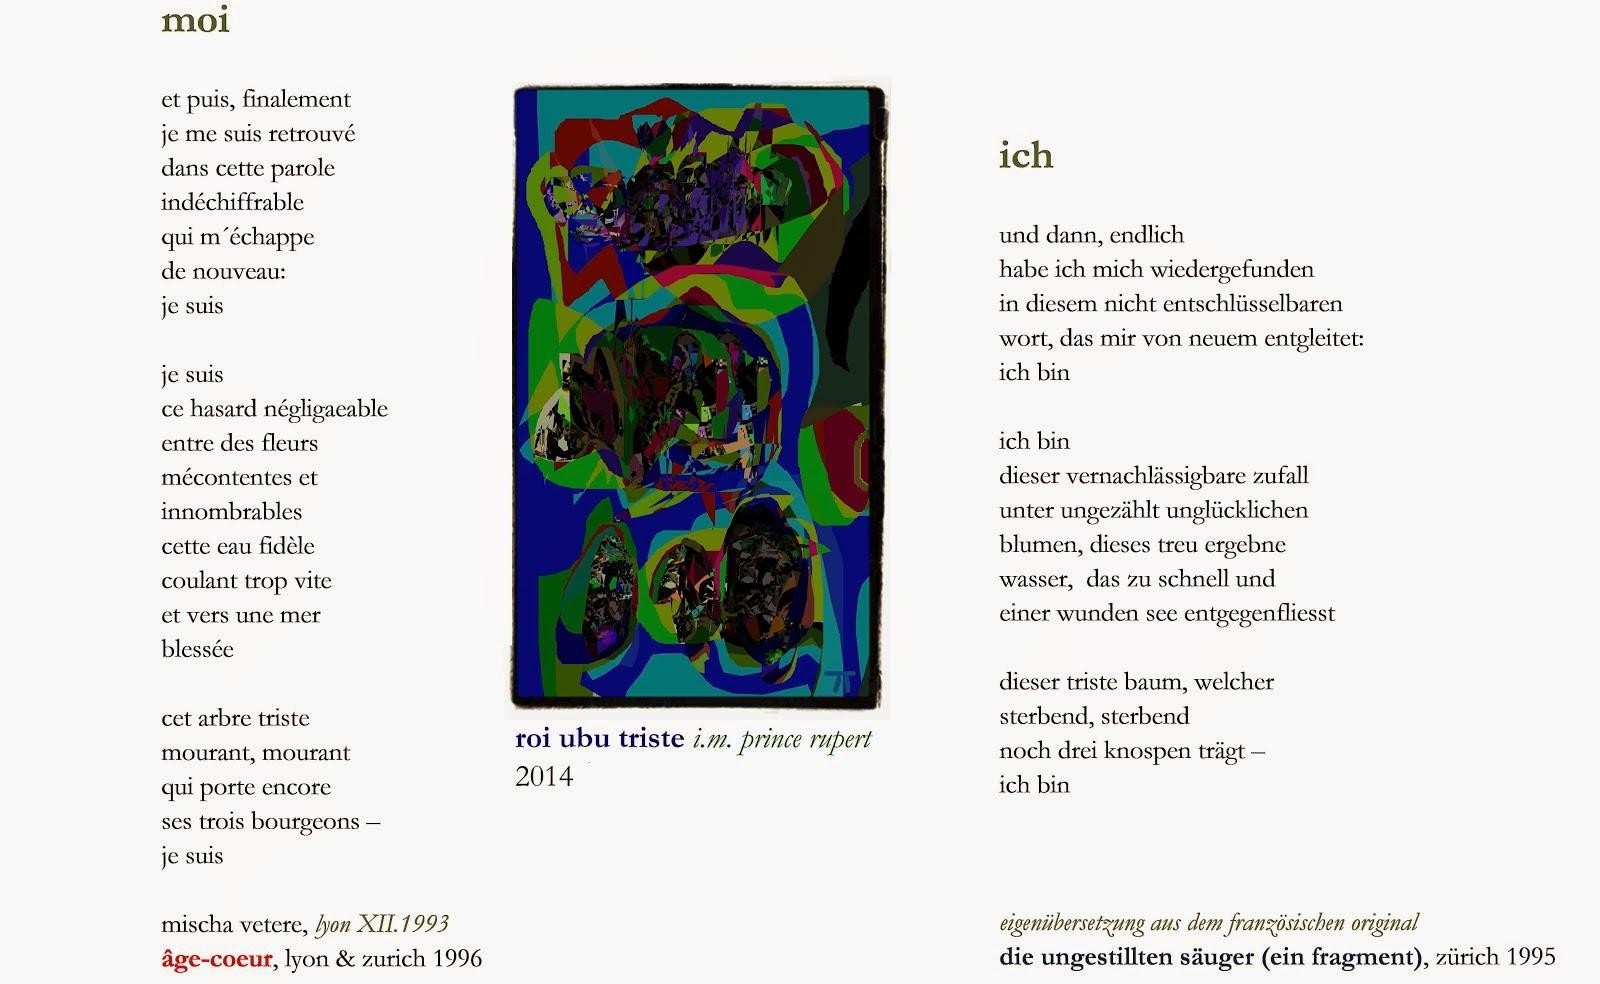 sputnik (von der läuterung),zürich XII 2008, PARIS I 2009, poème MOI gedicht ICH von 1993 âge-coeur